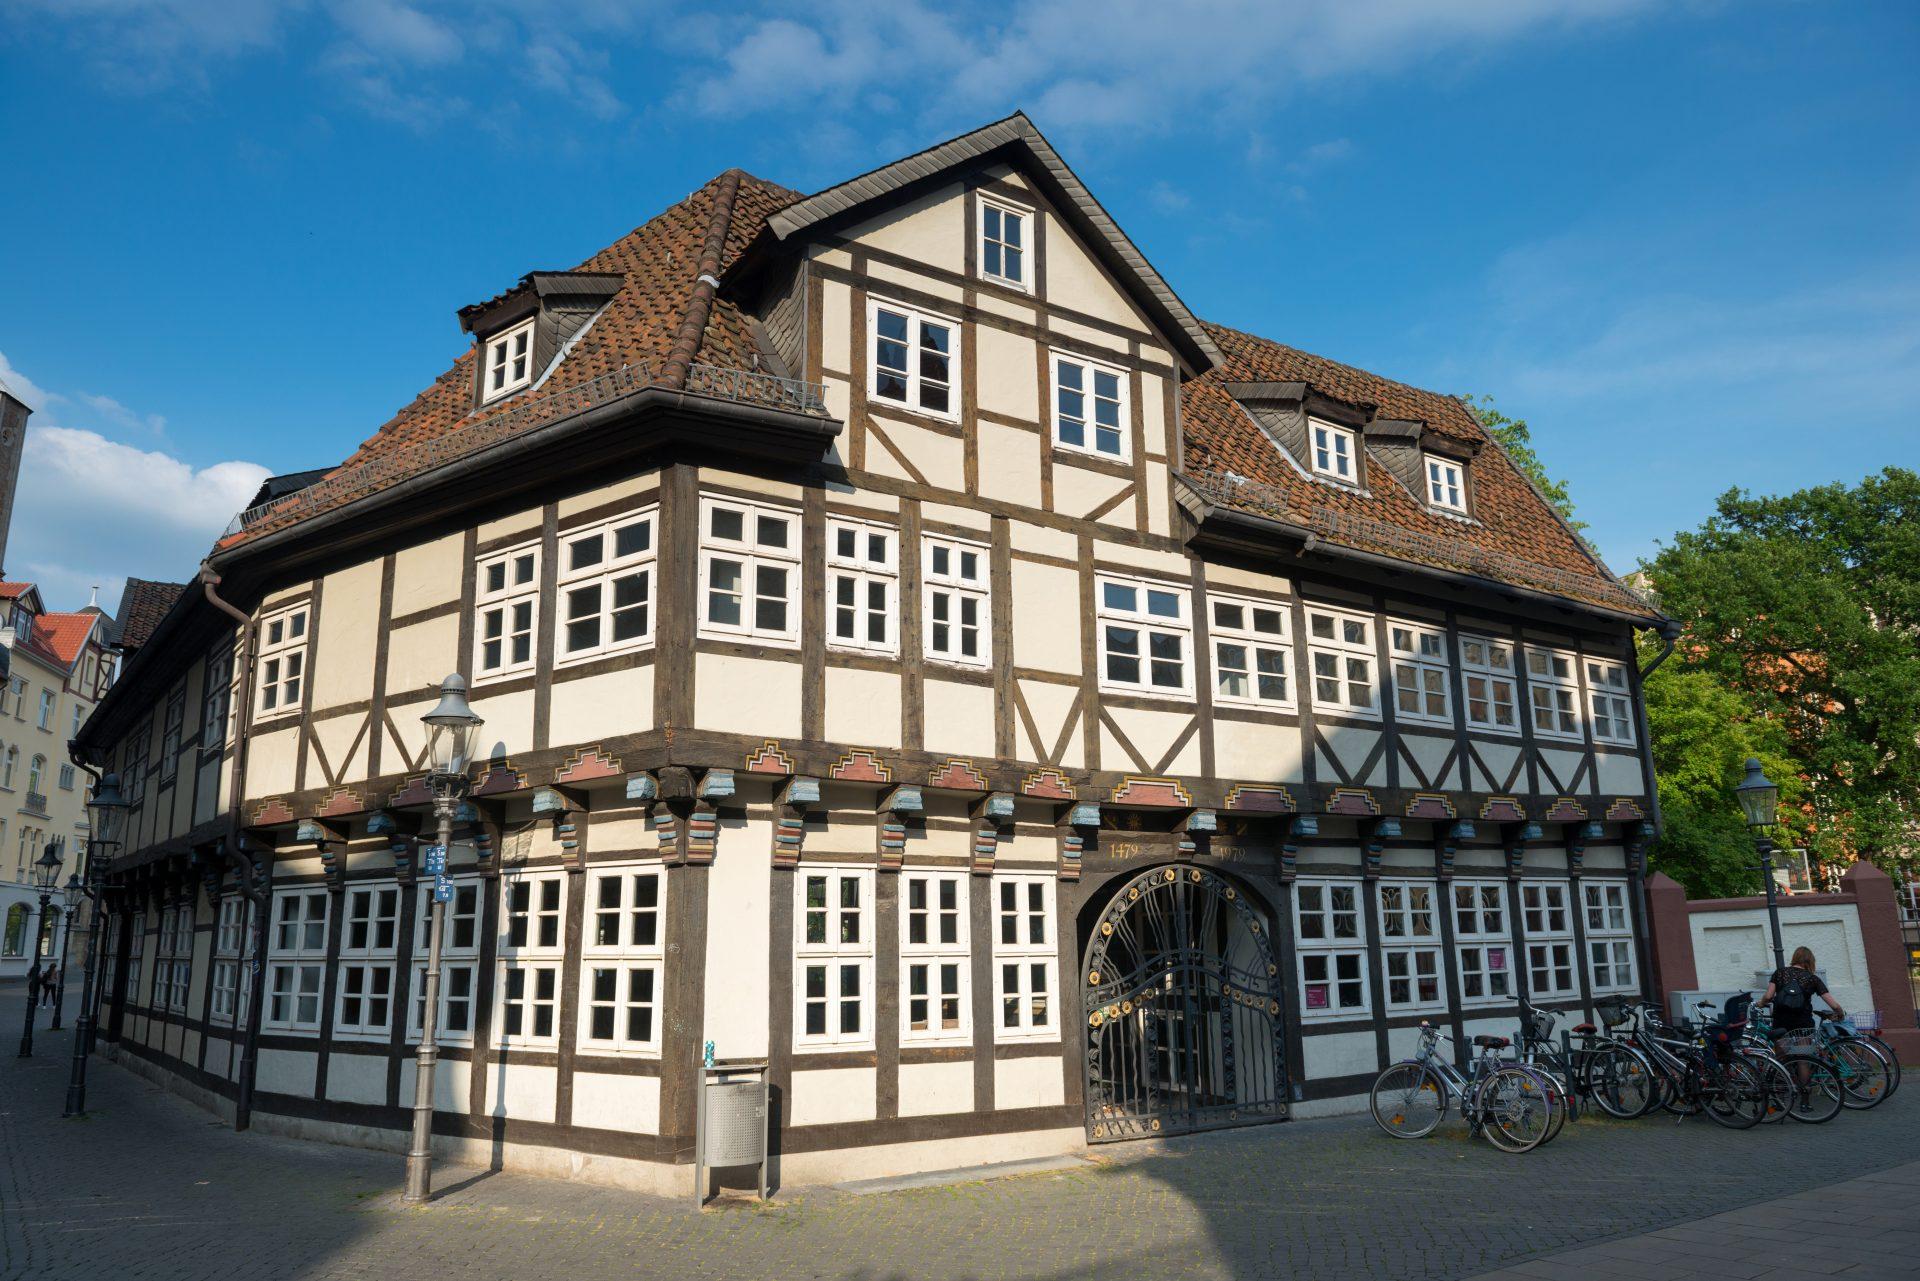 Braunschweig Magniviertel Tour – kulinarische Touren erleben